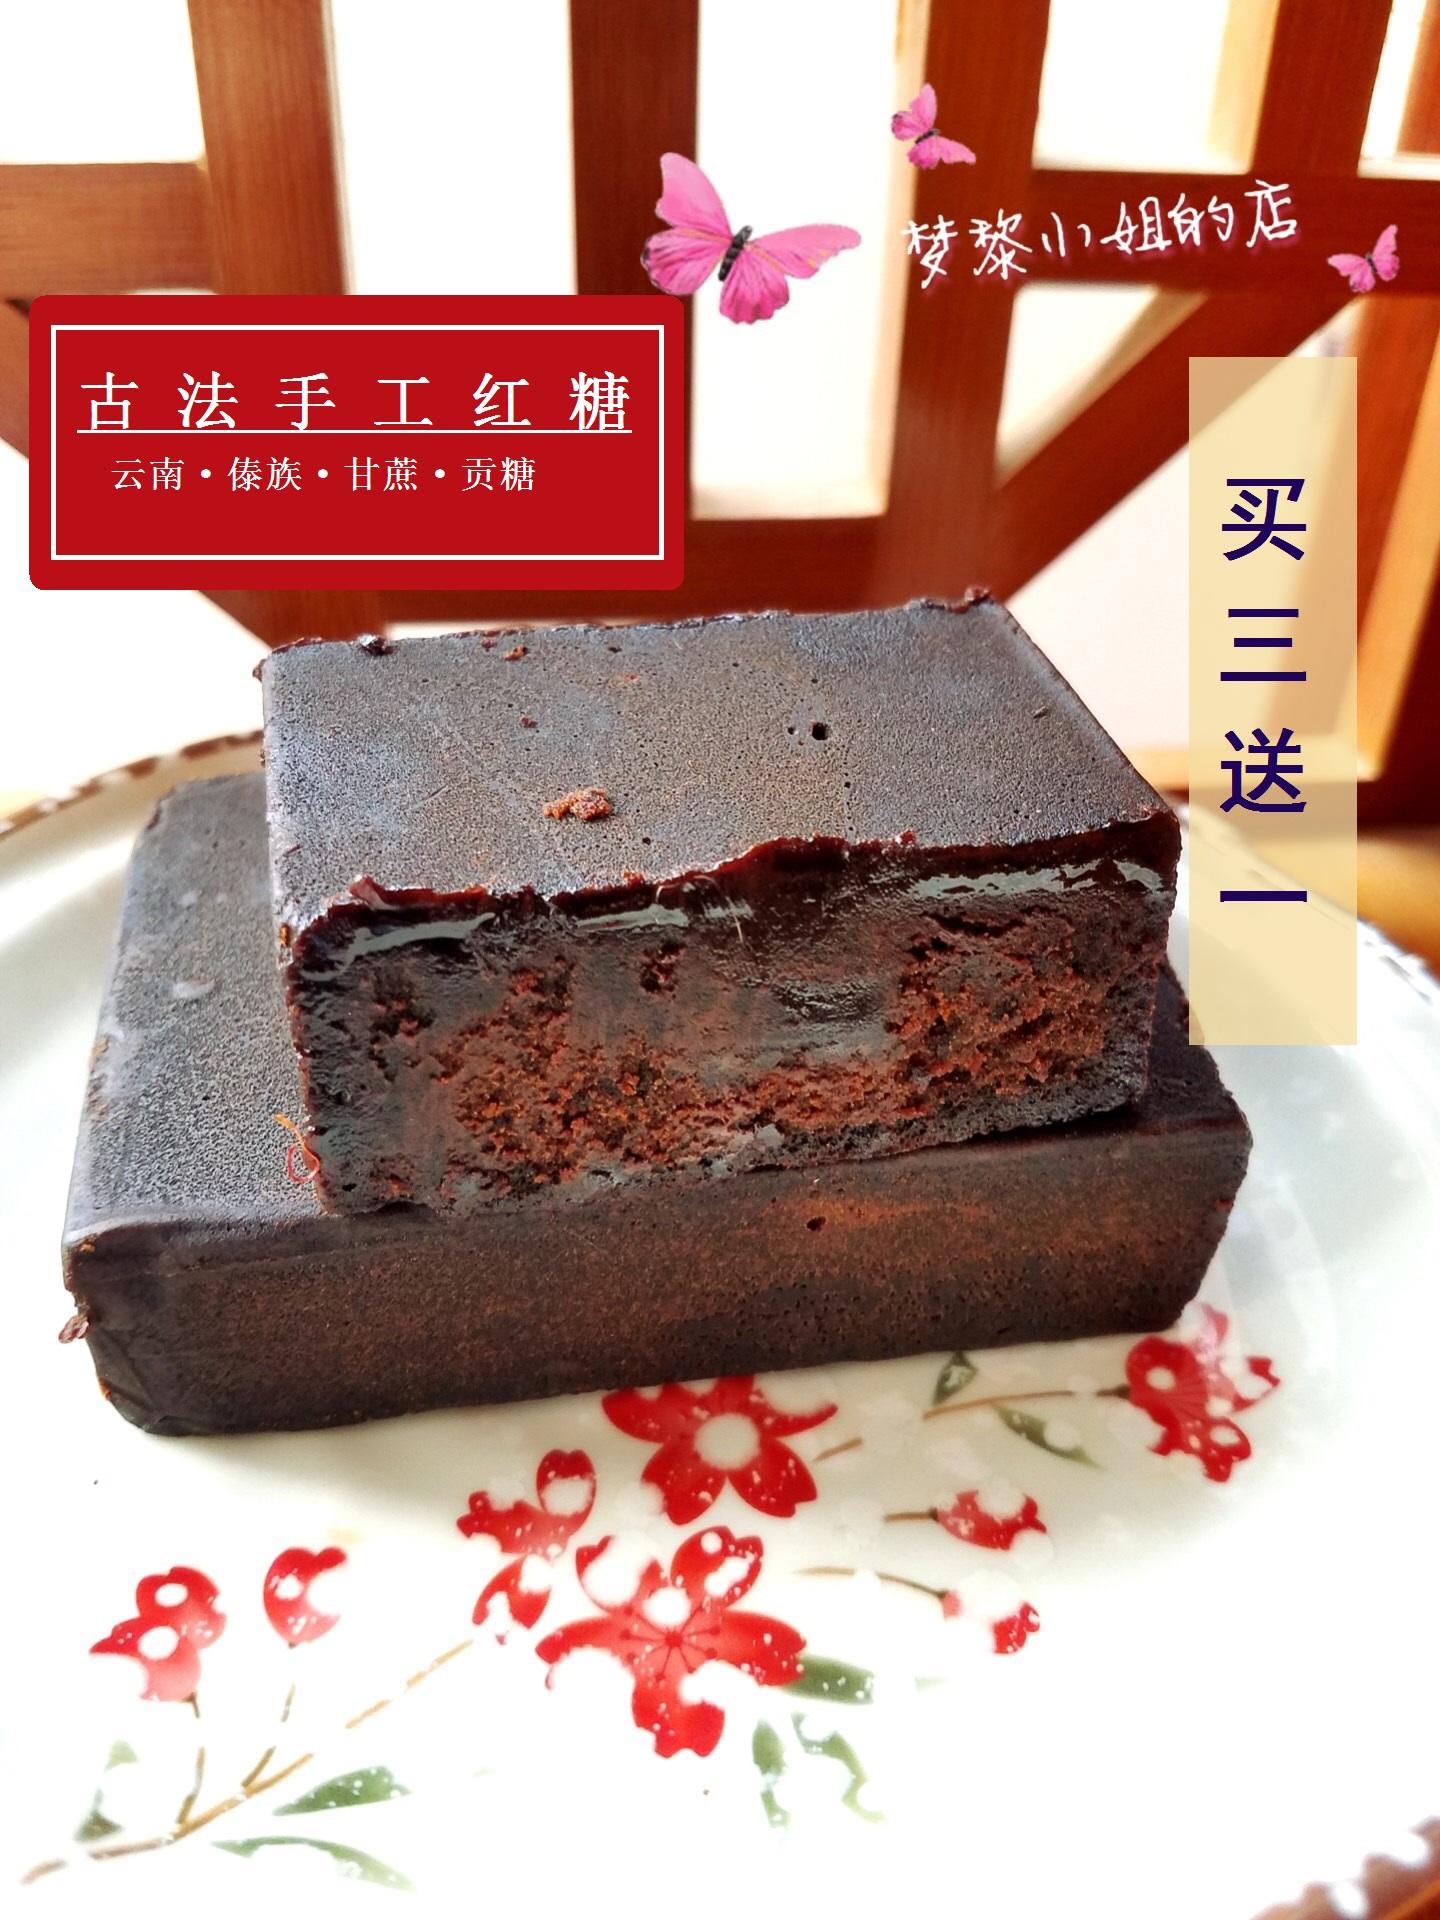 买3送1 正宗西双版纳傣家手工古法土红糖黑糖 云南特产纯甘蔗500g